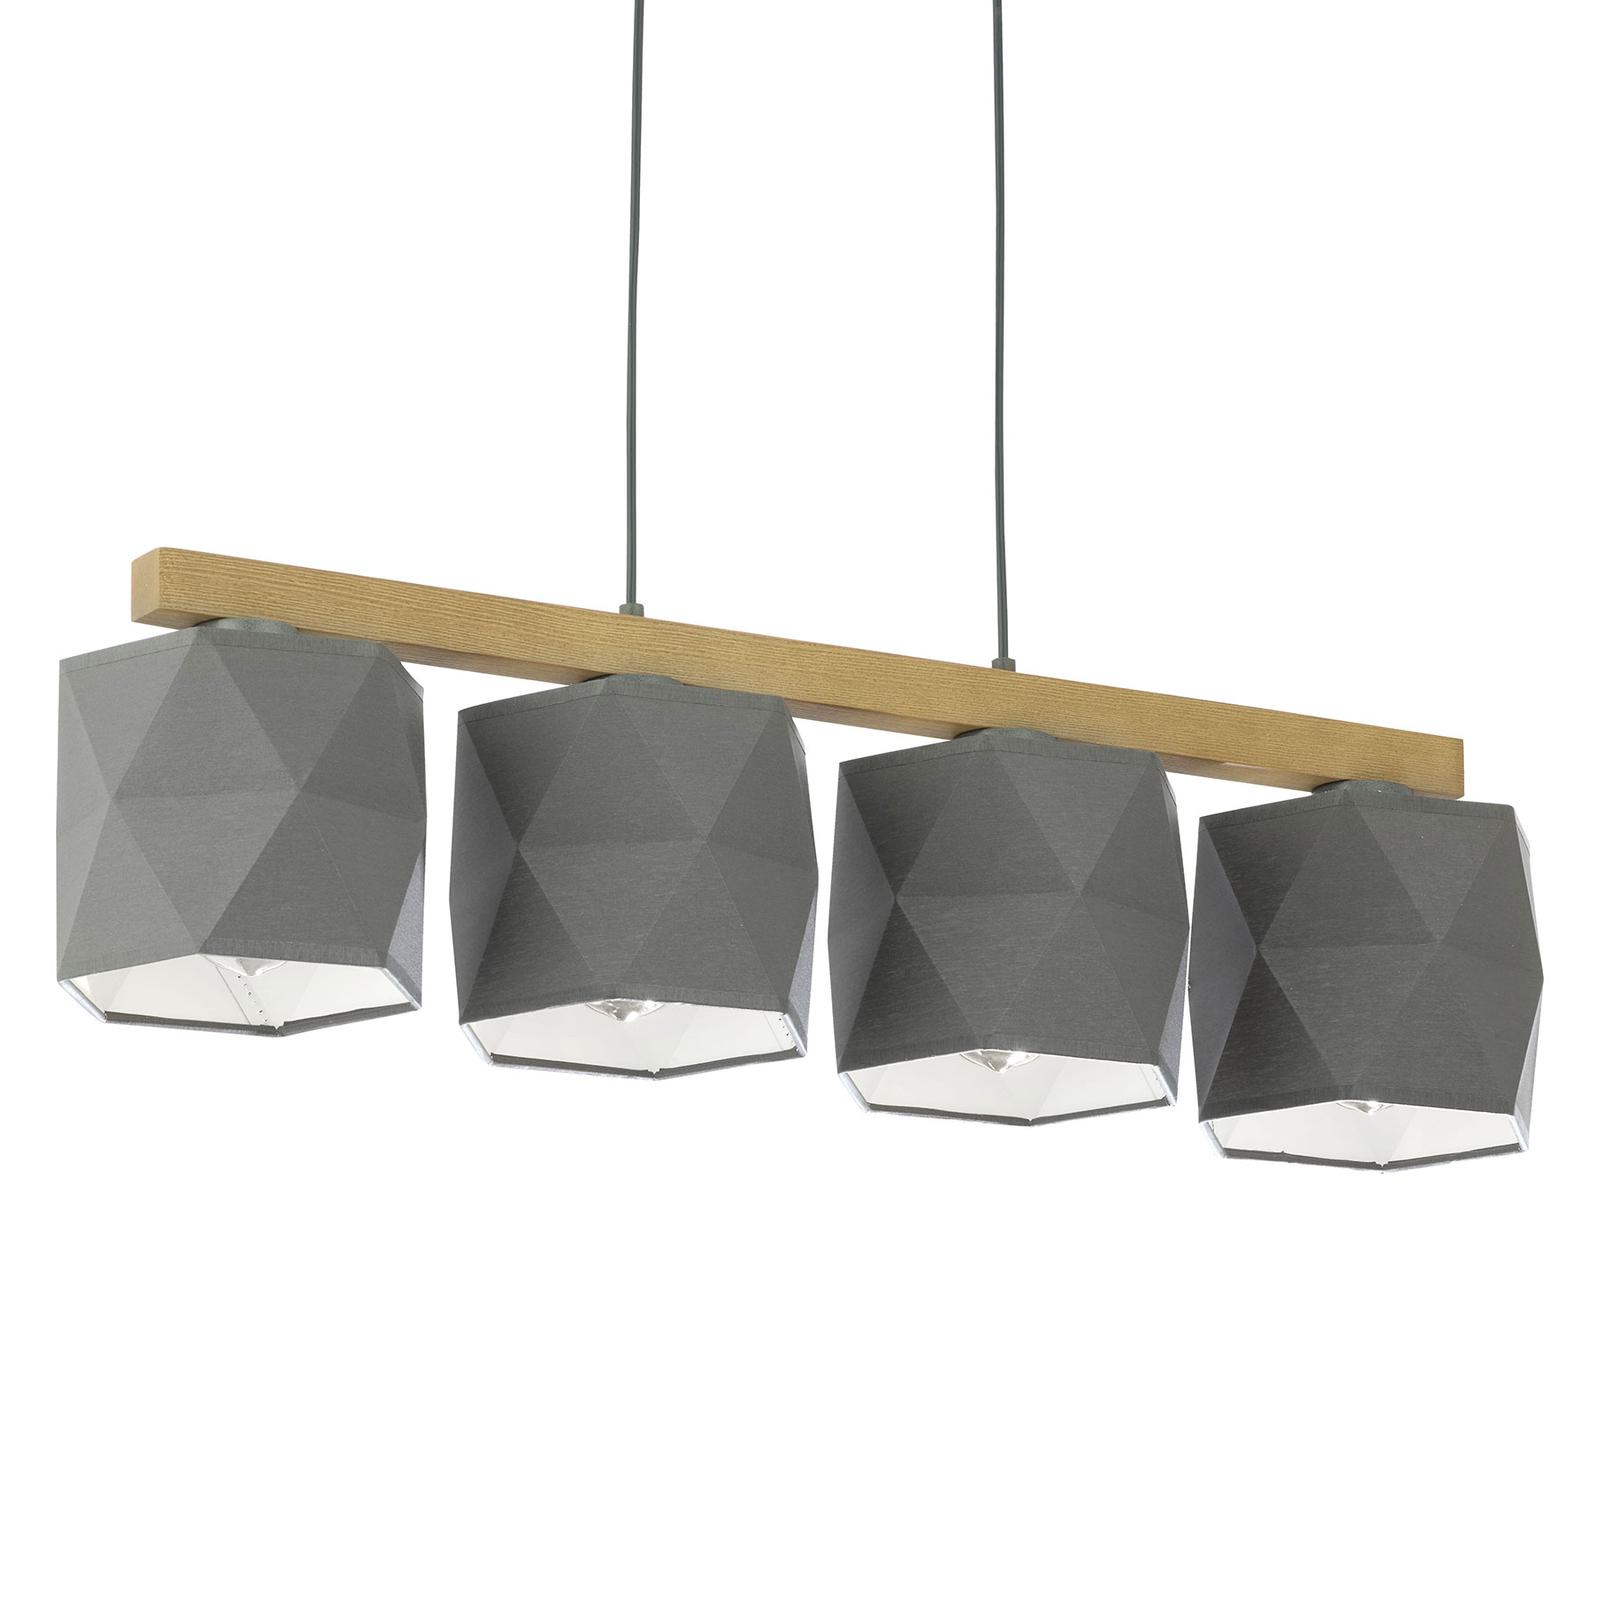 Hanglamp Fano, hout en textiel, 4-lamps